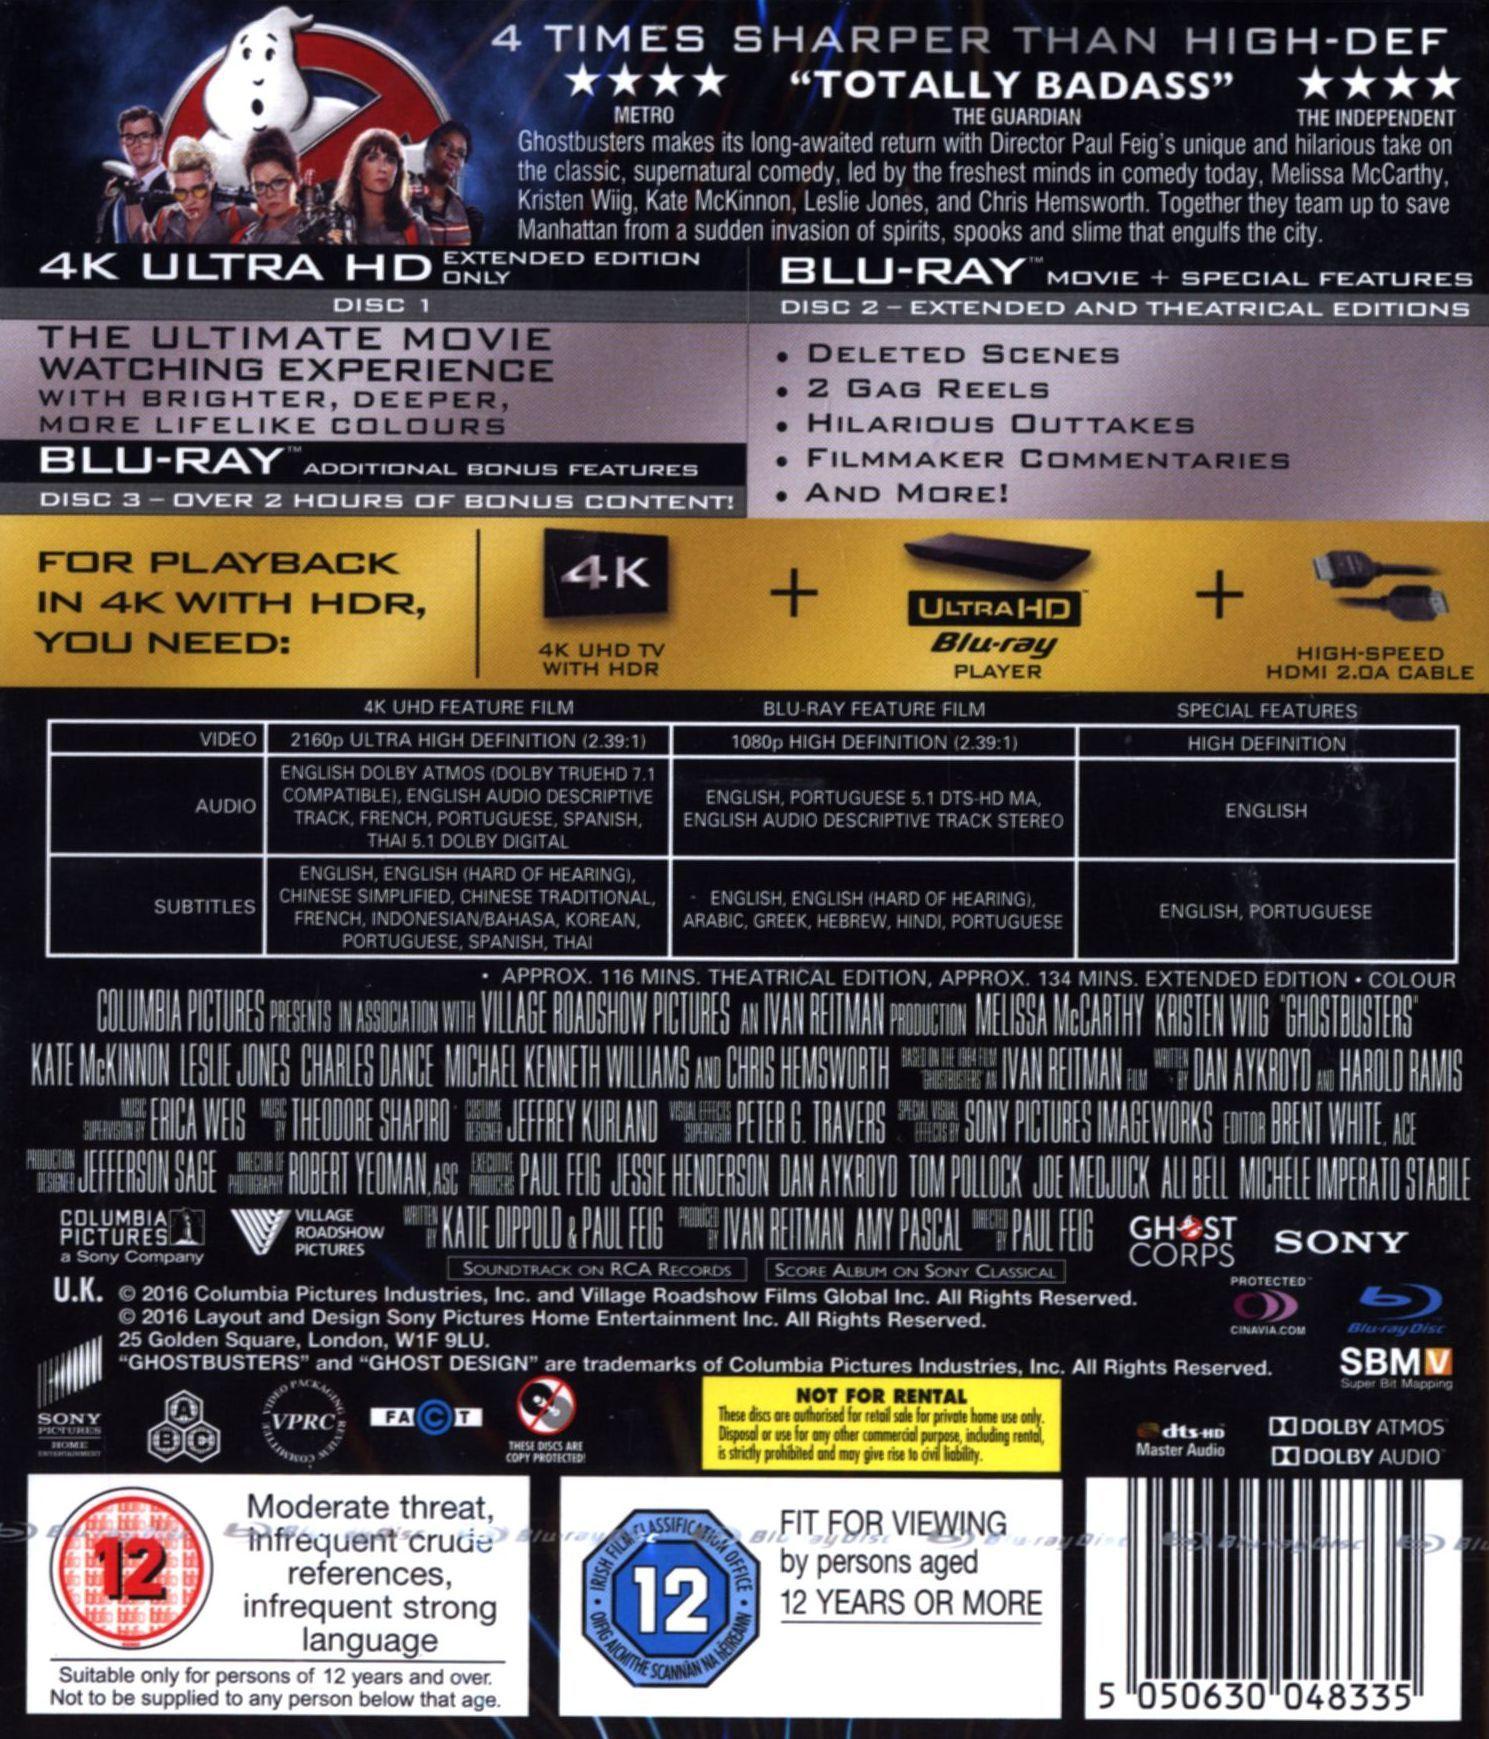 Ghostbusters (4K UHD + Blu-Ray) - 2